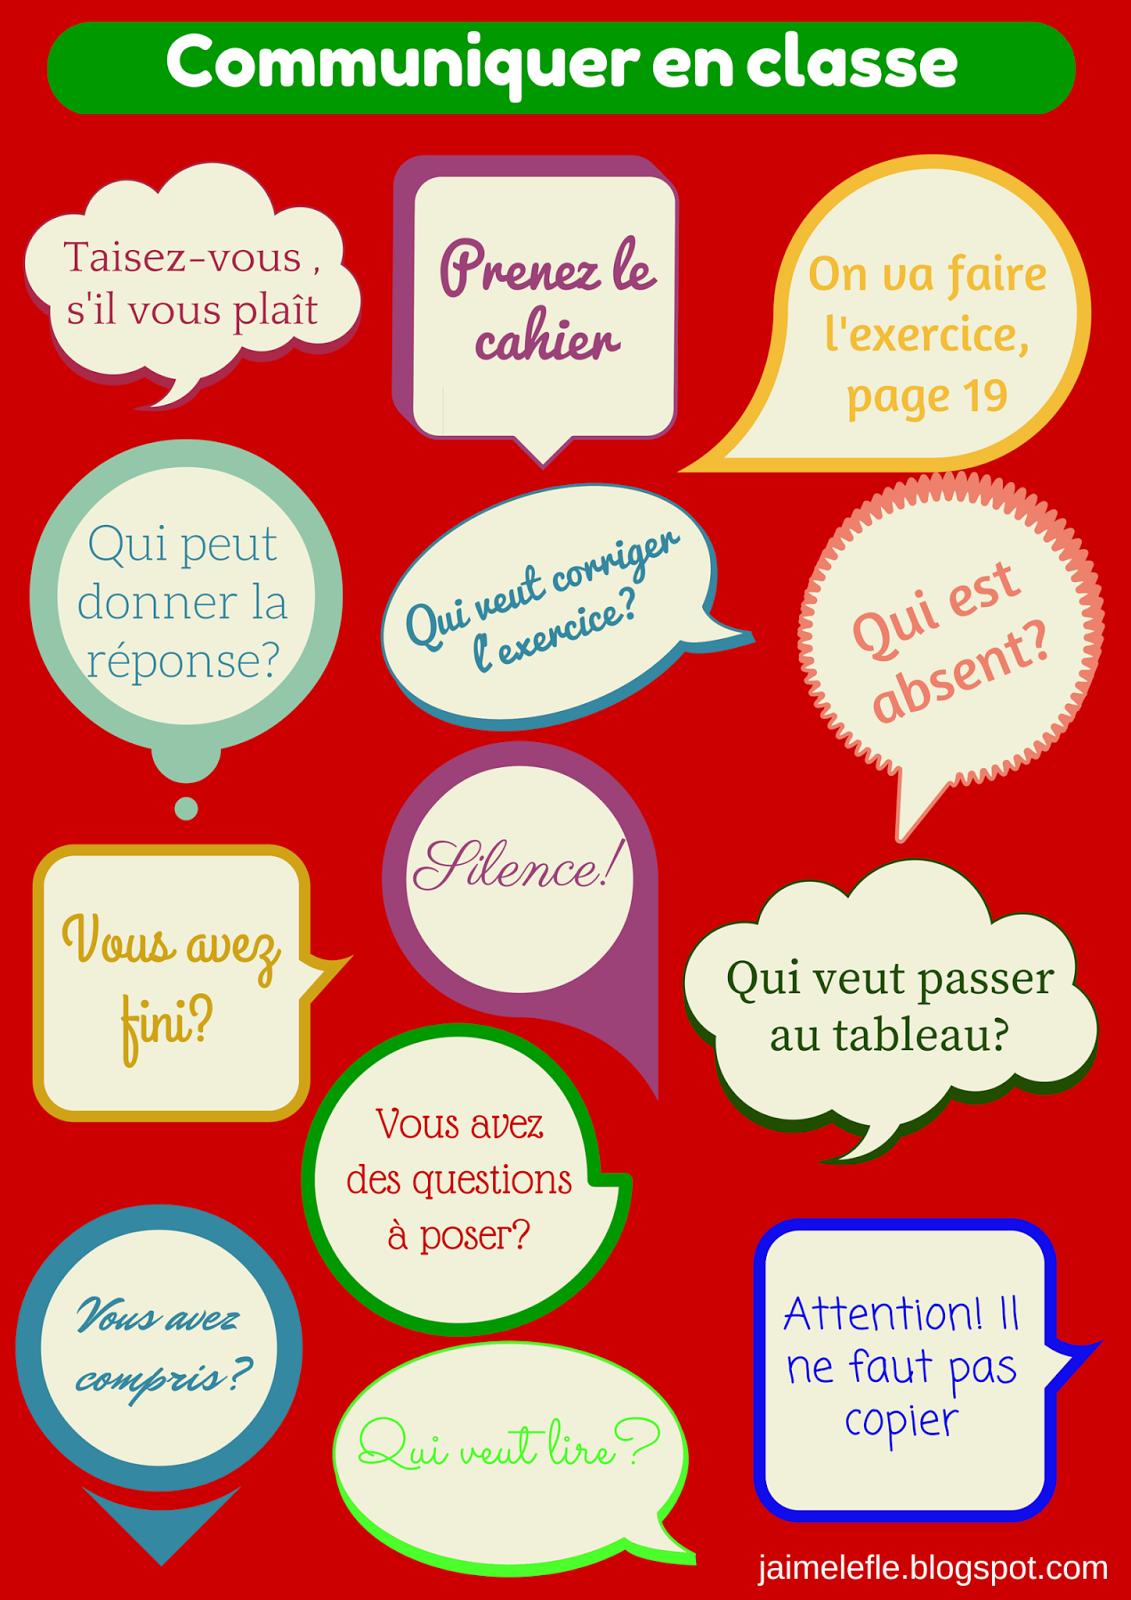 Connu Phrases pour communiquer en classe en français | FLE - Actes de  AK76